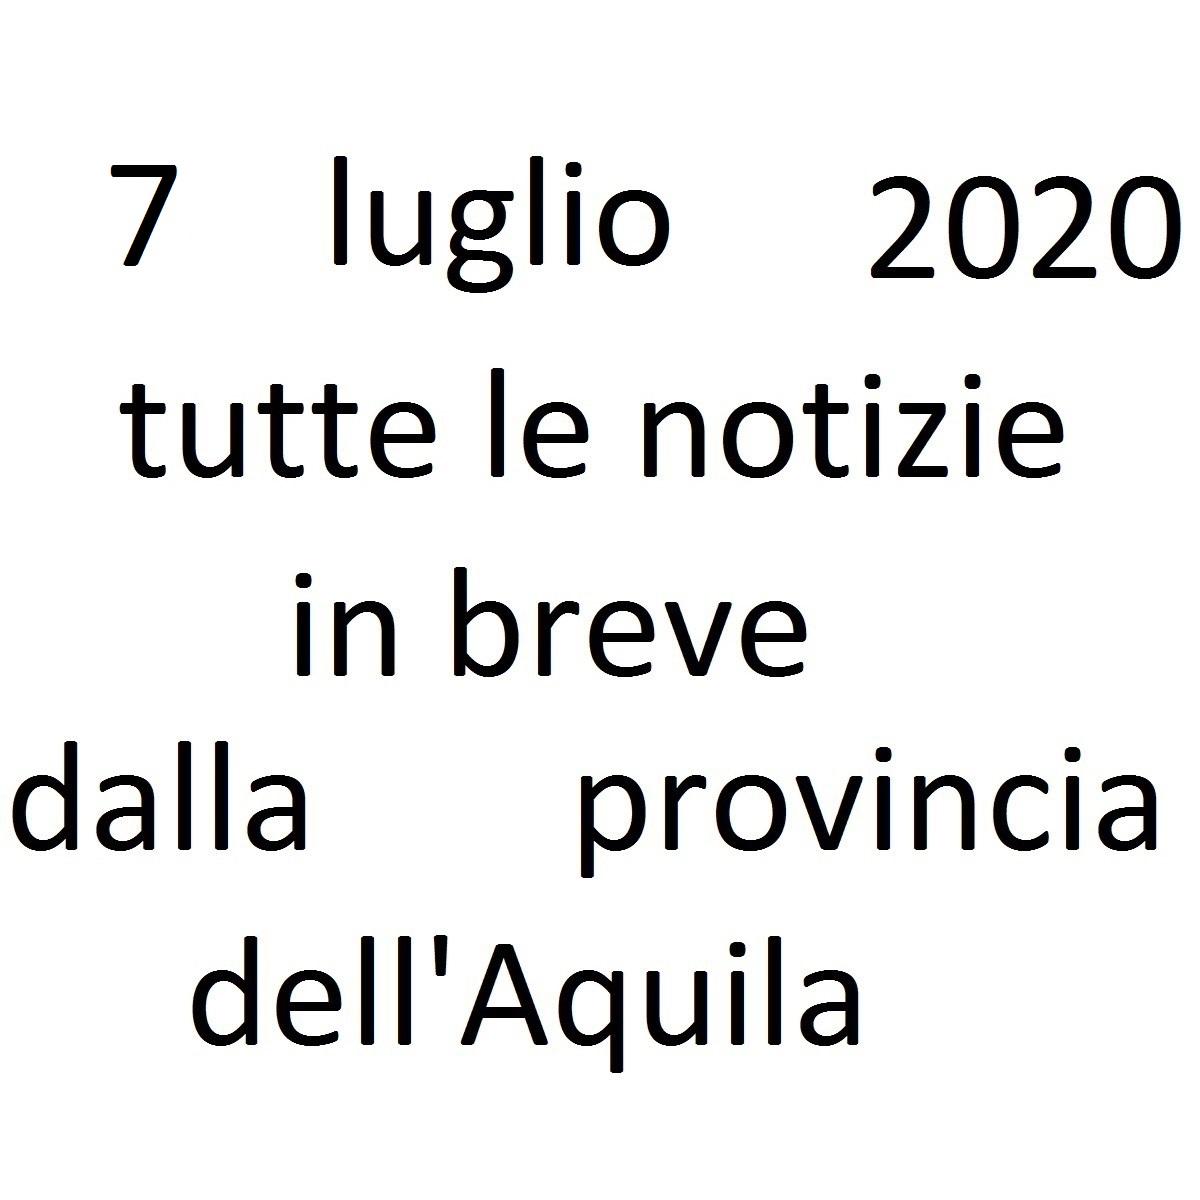 7 luglio 2020 notizie in breve dalla Provincia dell'Aquila foto